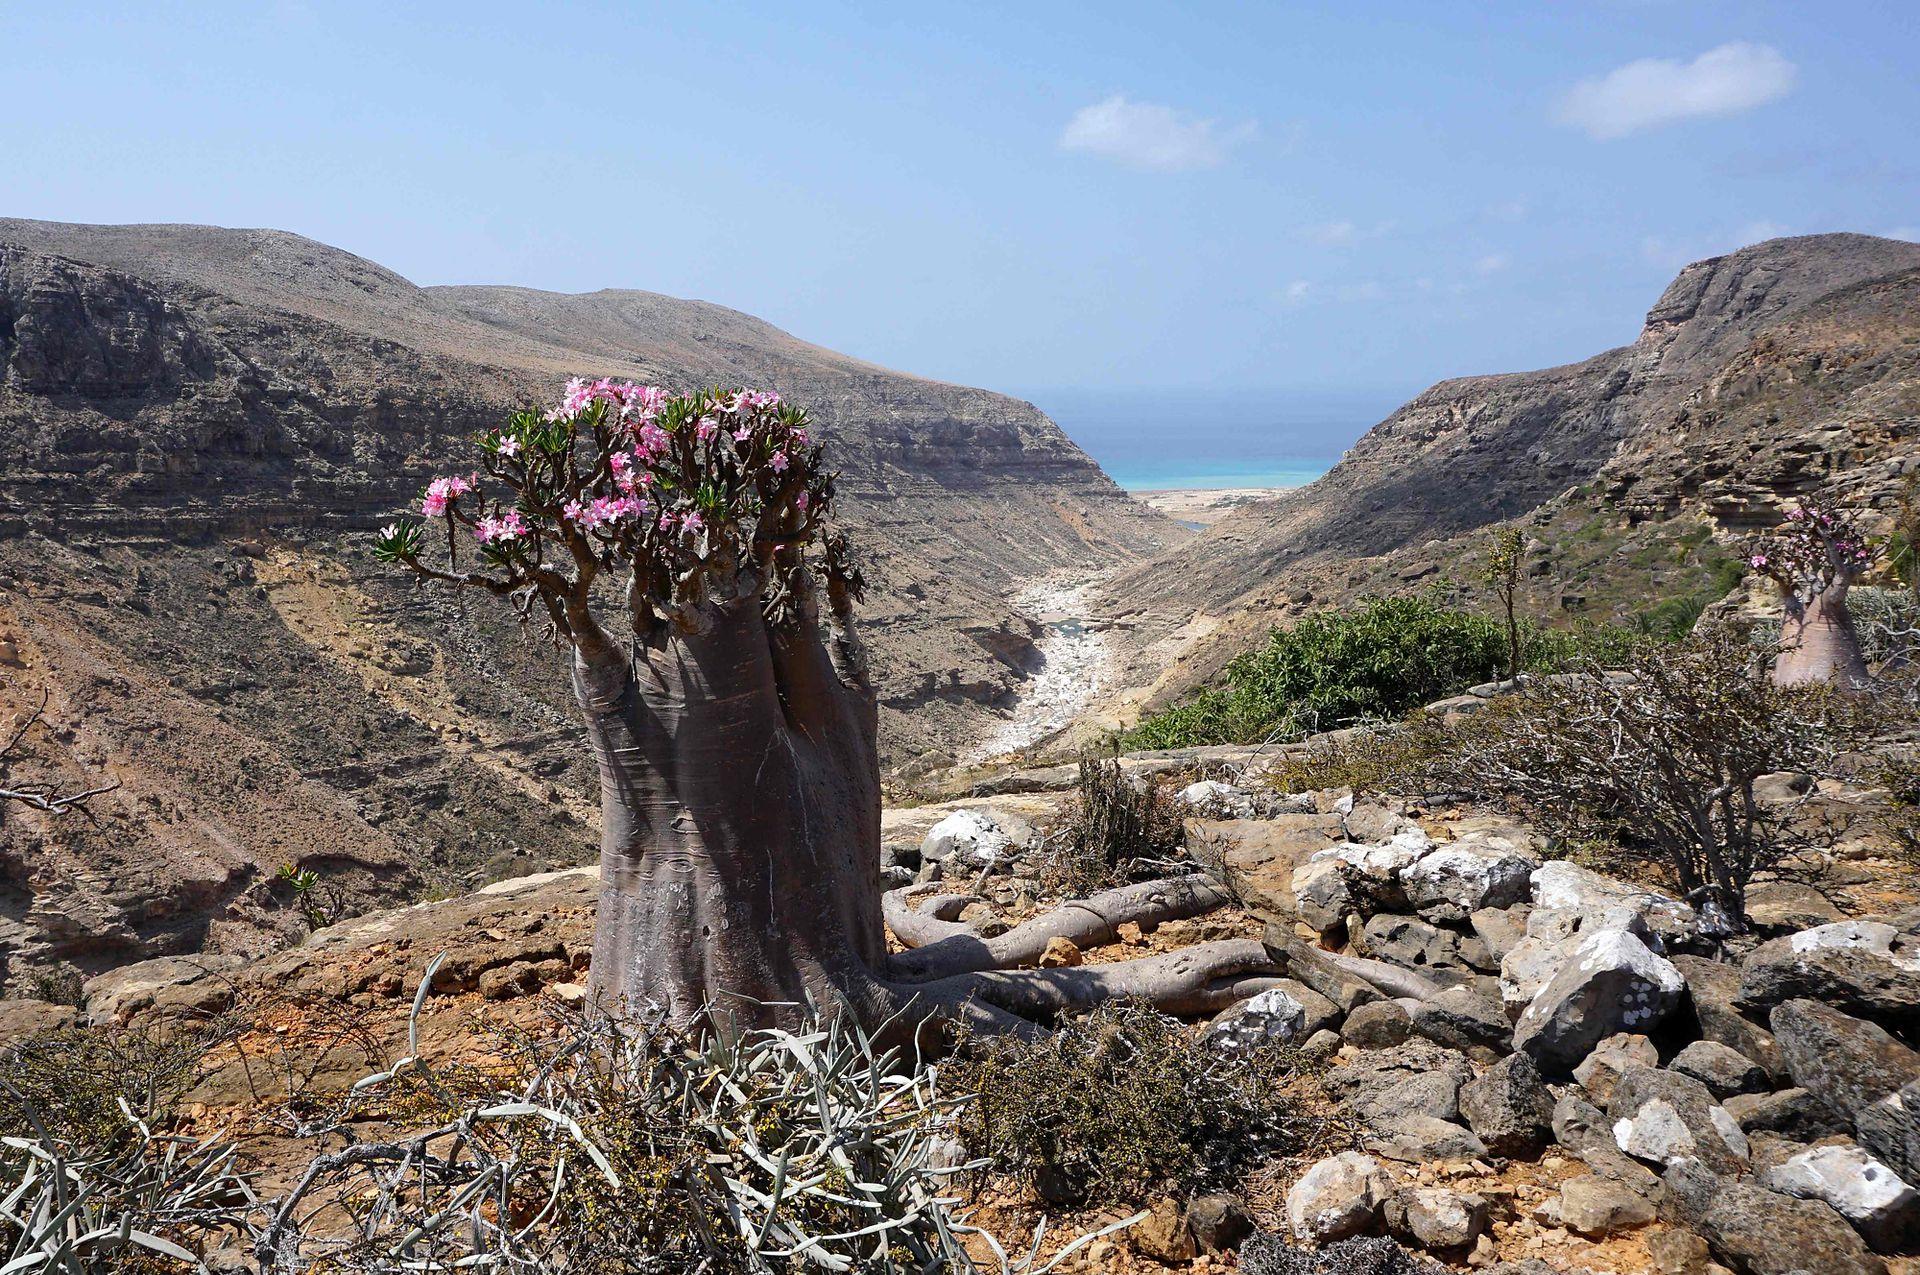 Un árbol de botella en flor, o rosa del desierto